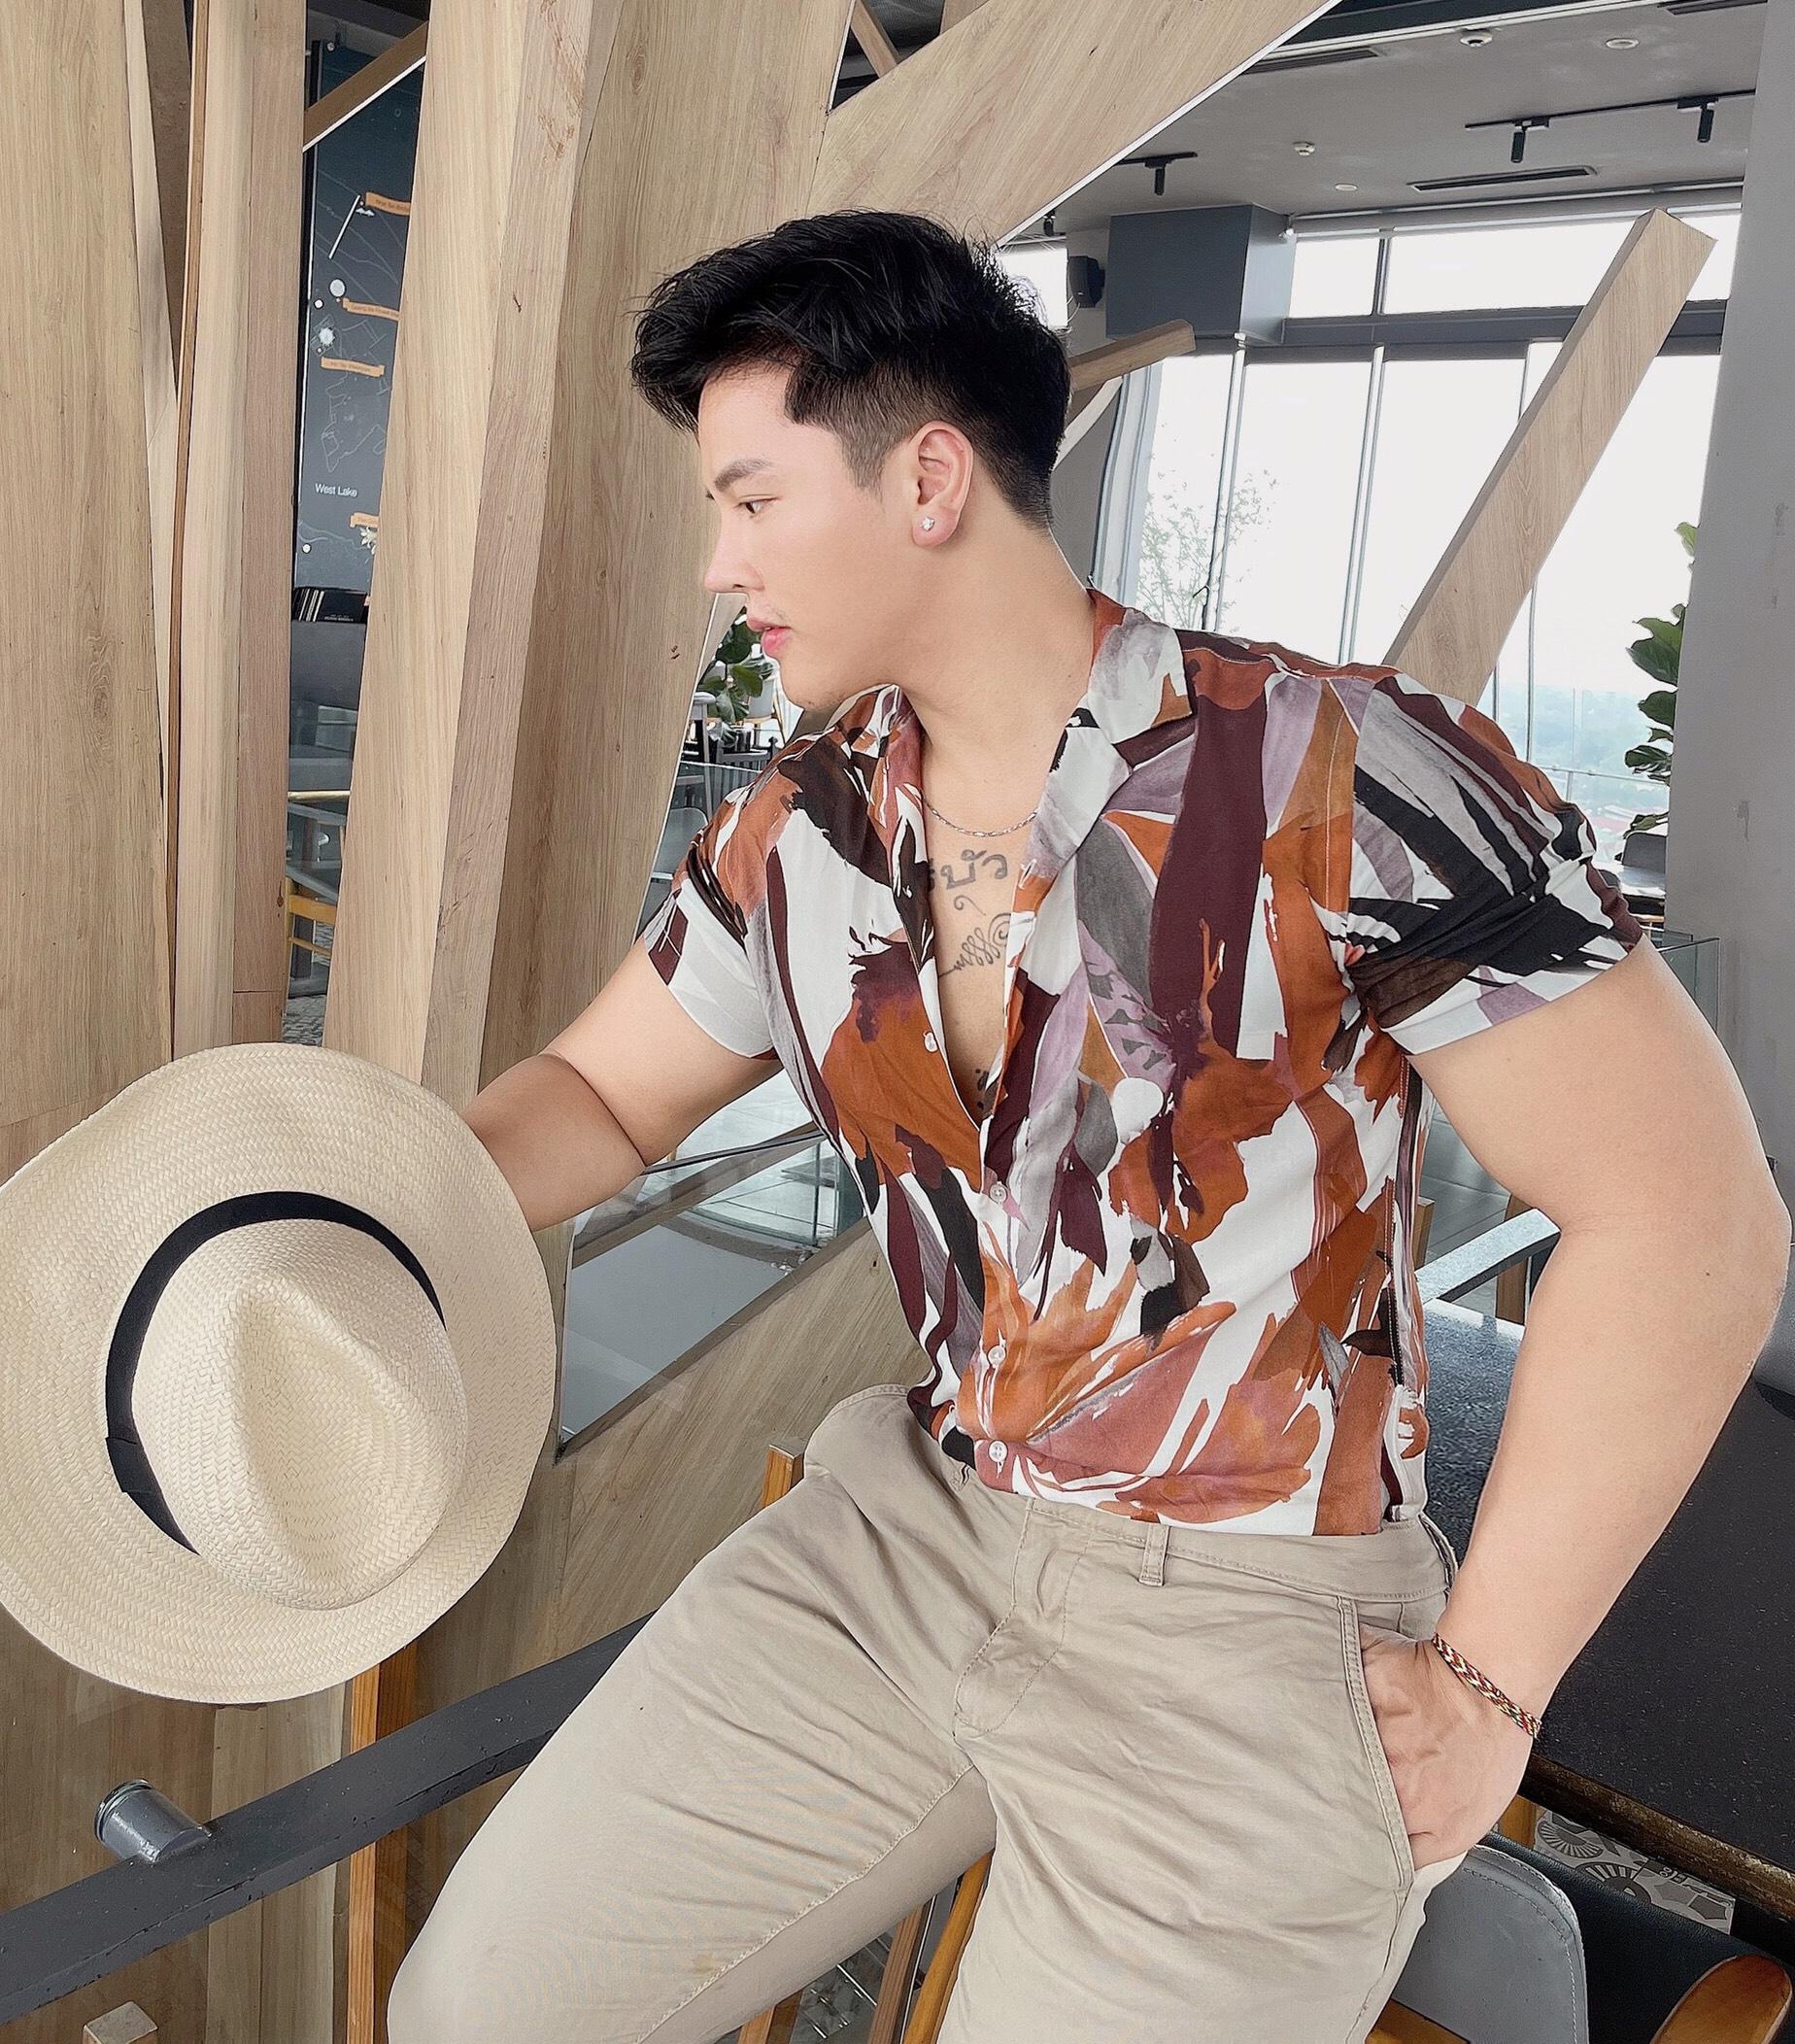 Trong tủ đồ của Huy Bình, những gam màu nam tính như đen, hay thanh lịch như nâu be chiếm đa số. Đây là các tông màu không chỉ phù hợp với nam giới mà còn không lỗi mốt theo thời gian, giúp anh chàng tạo nên vẻ ngoài tinh tế, không lòe loẹt.